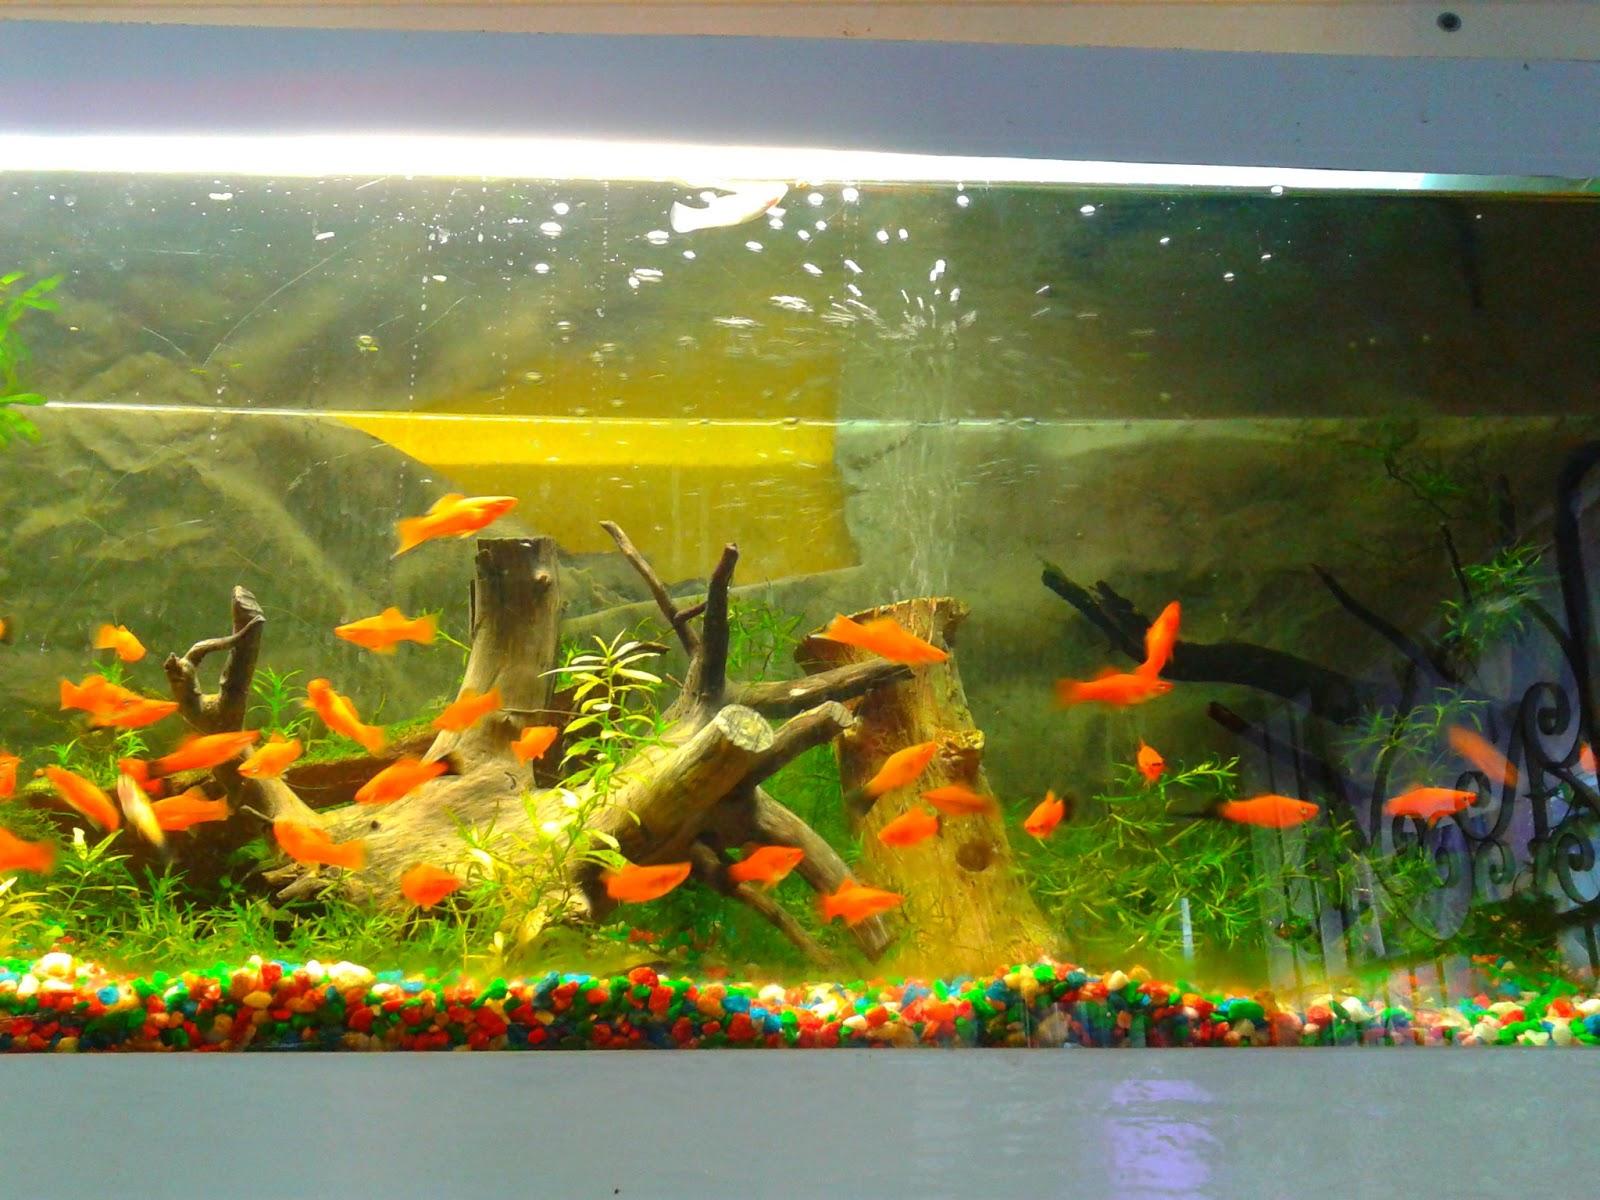 Acuarios decorpez como reconocer los tipos de pecera for Clases de peces de acuario